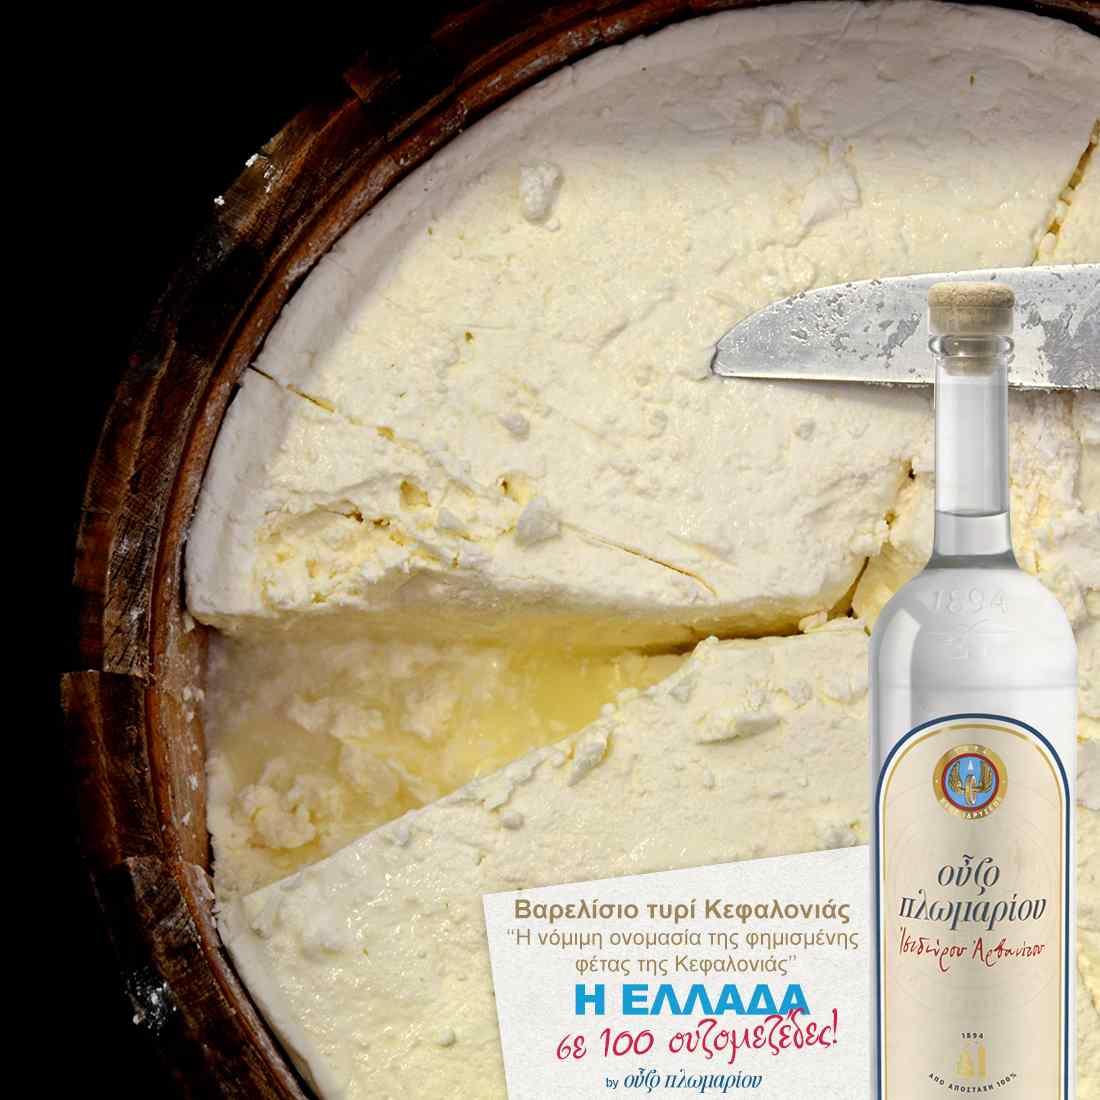 Βαρελίσιο τυρί Κεφαλονιάς - Ουζομεζέδες - Greek Gastronomy Guide